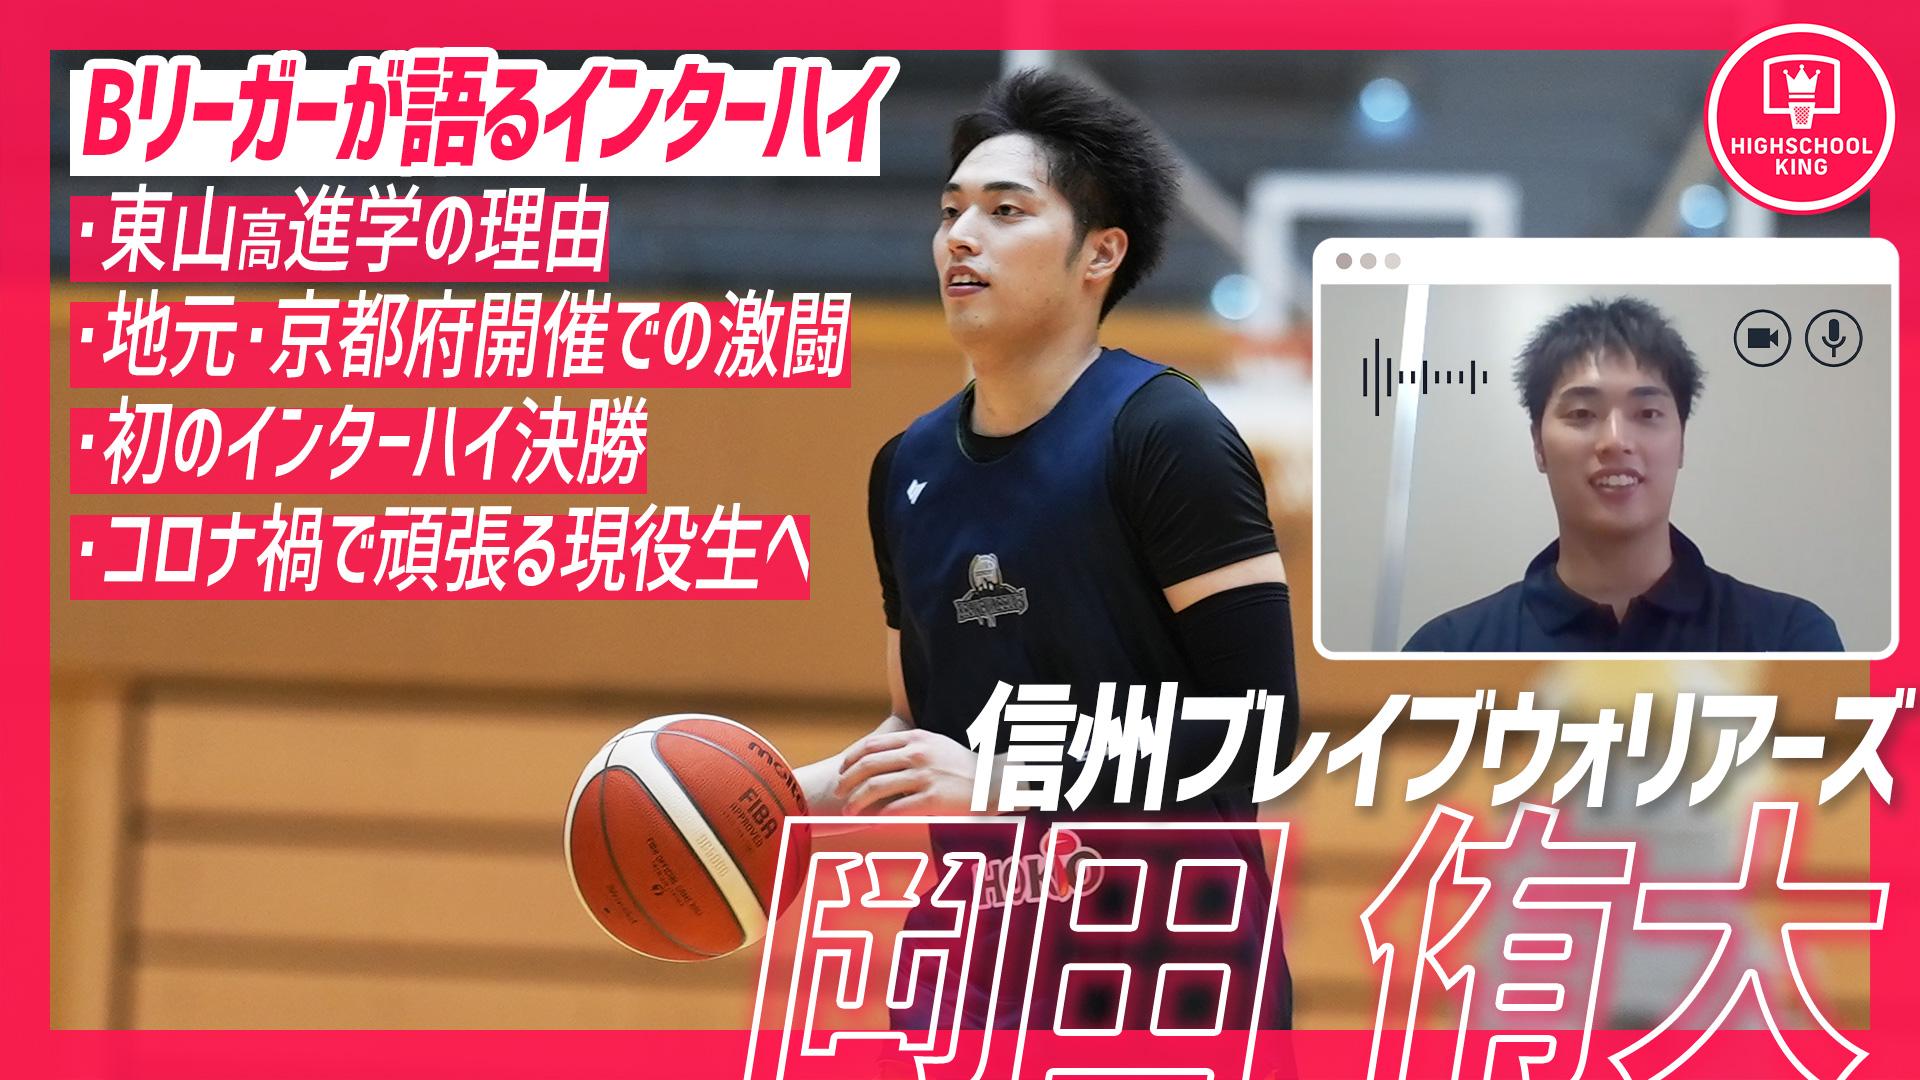 【インターハイ】岡田侑大「全国のチームと戦える数少ないチャンス」